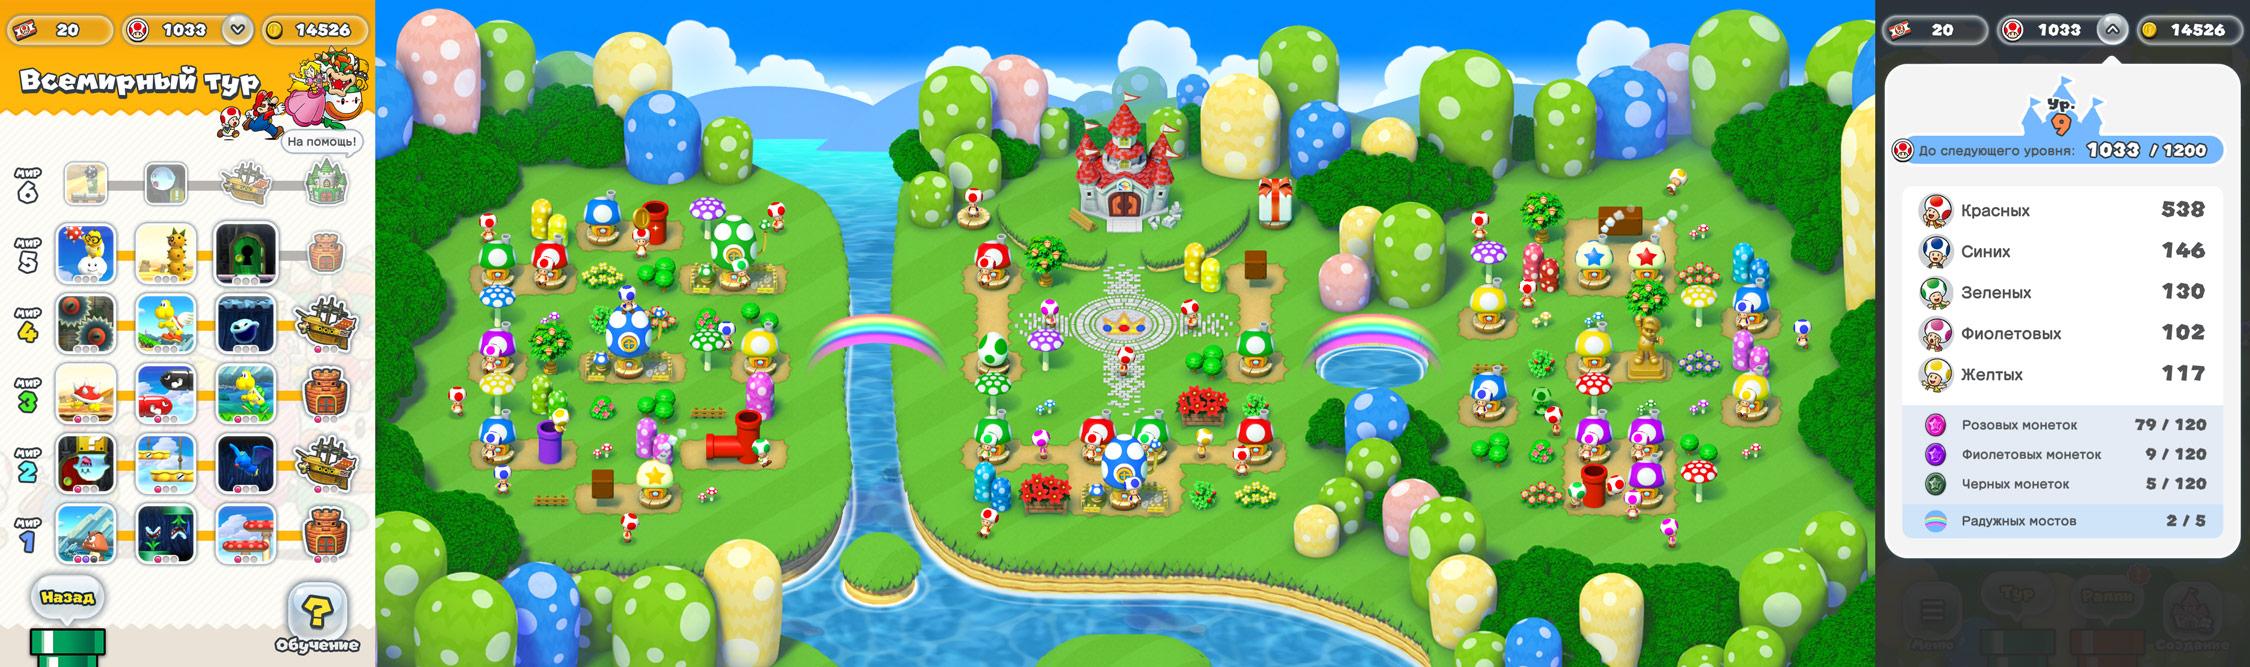 Супер Марио Ран, iOS, карта, прогресс